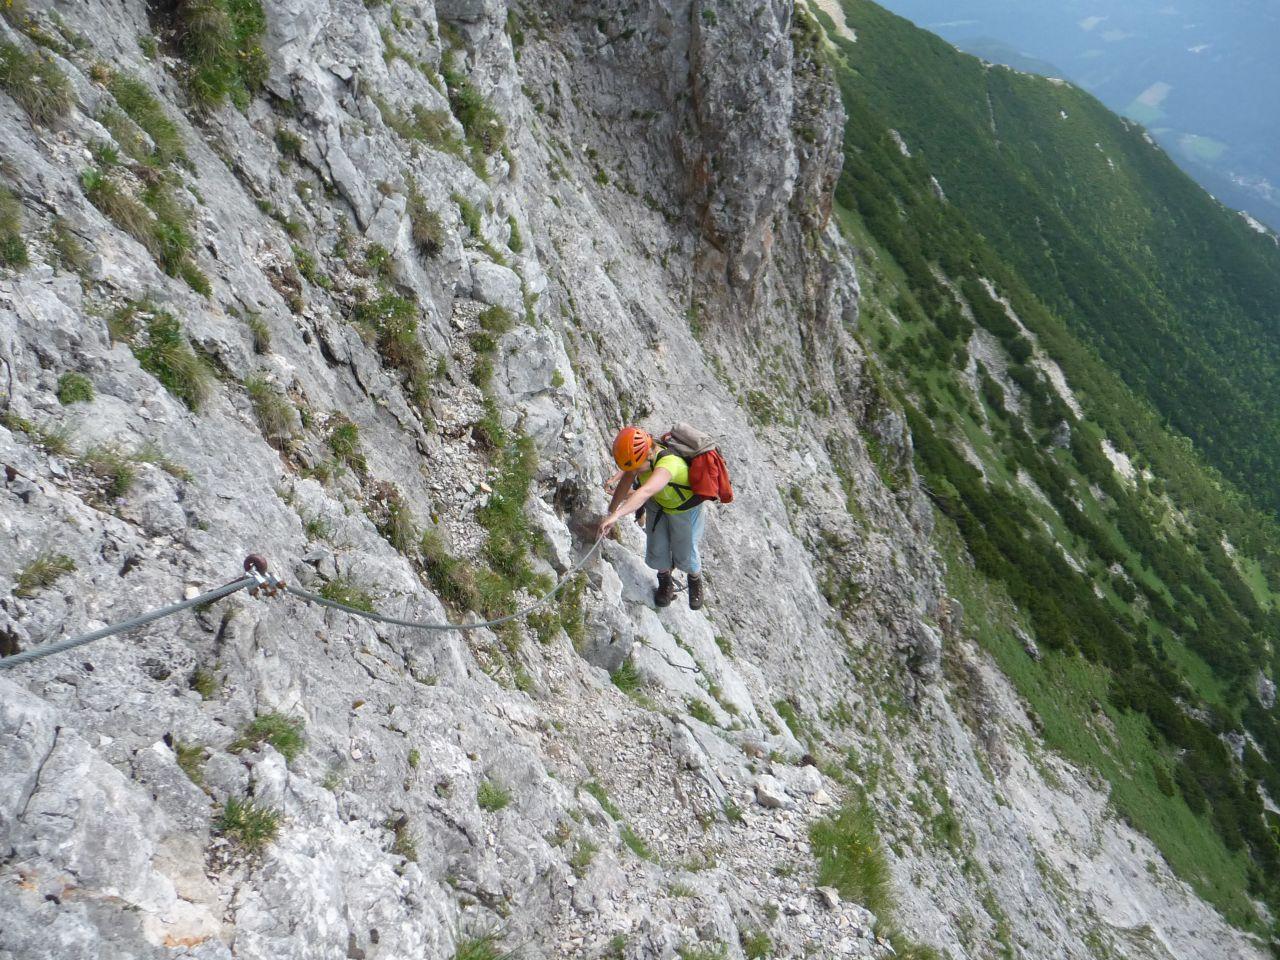 Klettersteig Rax : Klettersteig bismarcksteig b rax alpenverein